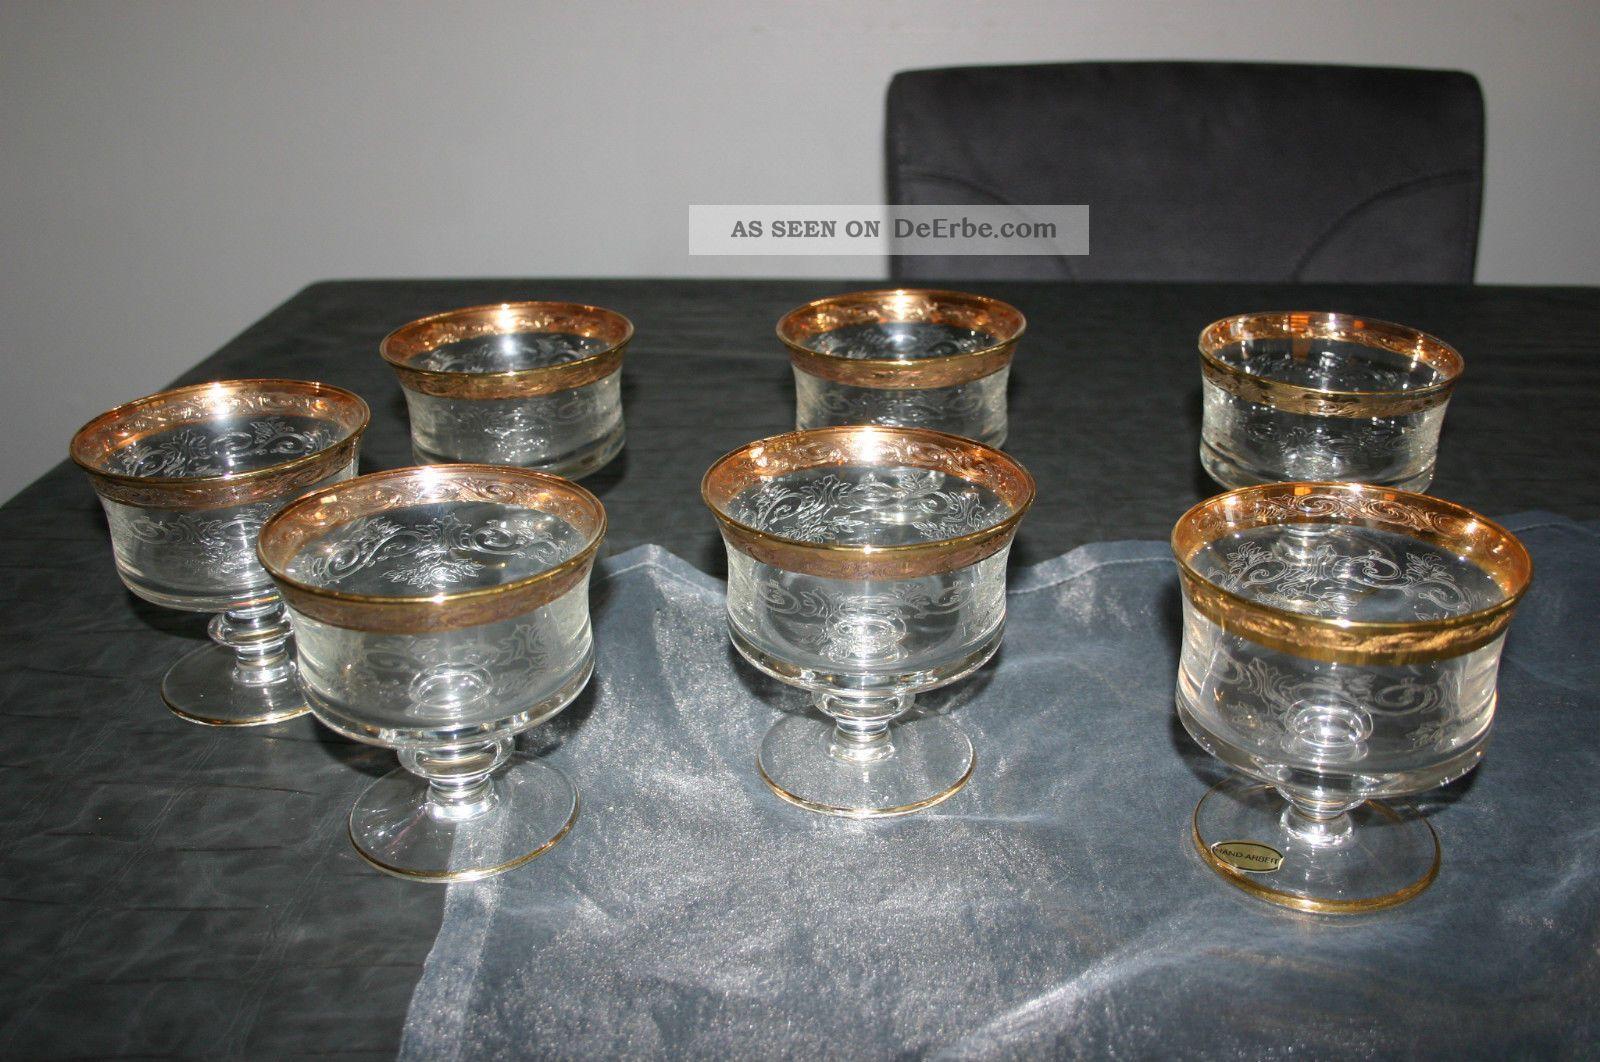 7 ltere murano medici gl ser champagner sekt margarita schale mit goldrand. Black Bedroom Furniture Sets. Home Design Ideas